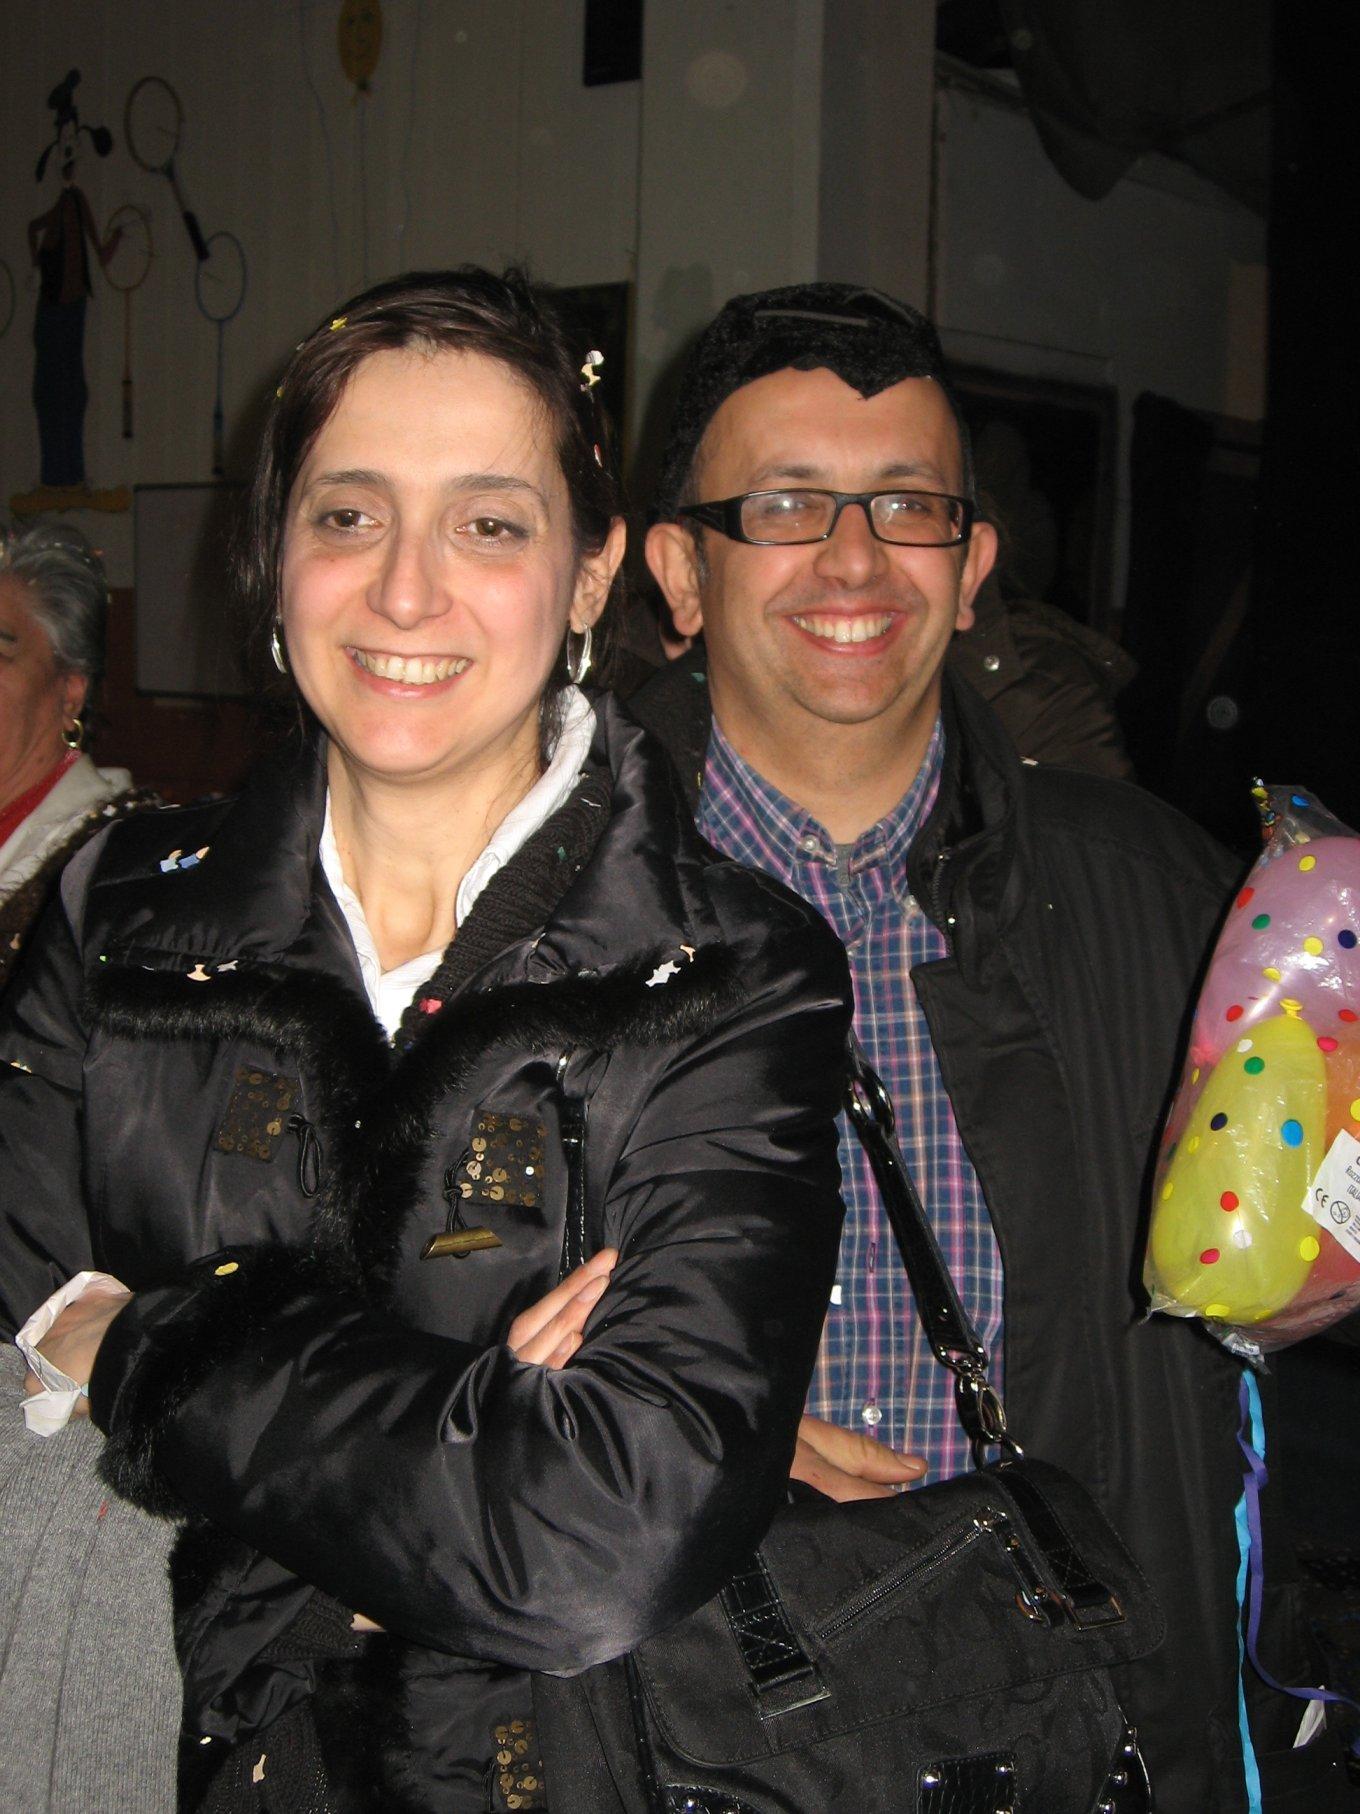 Pentolaccia-2009-02-22--17.19.50.jpg